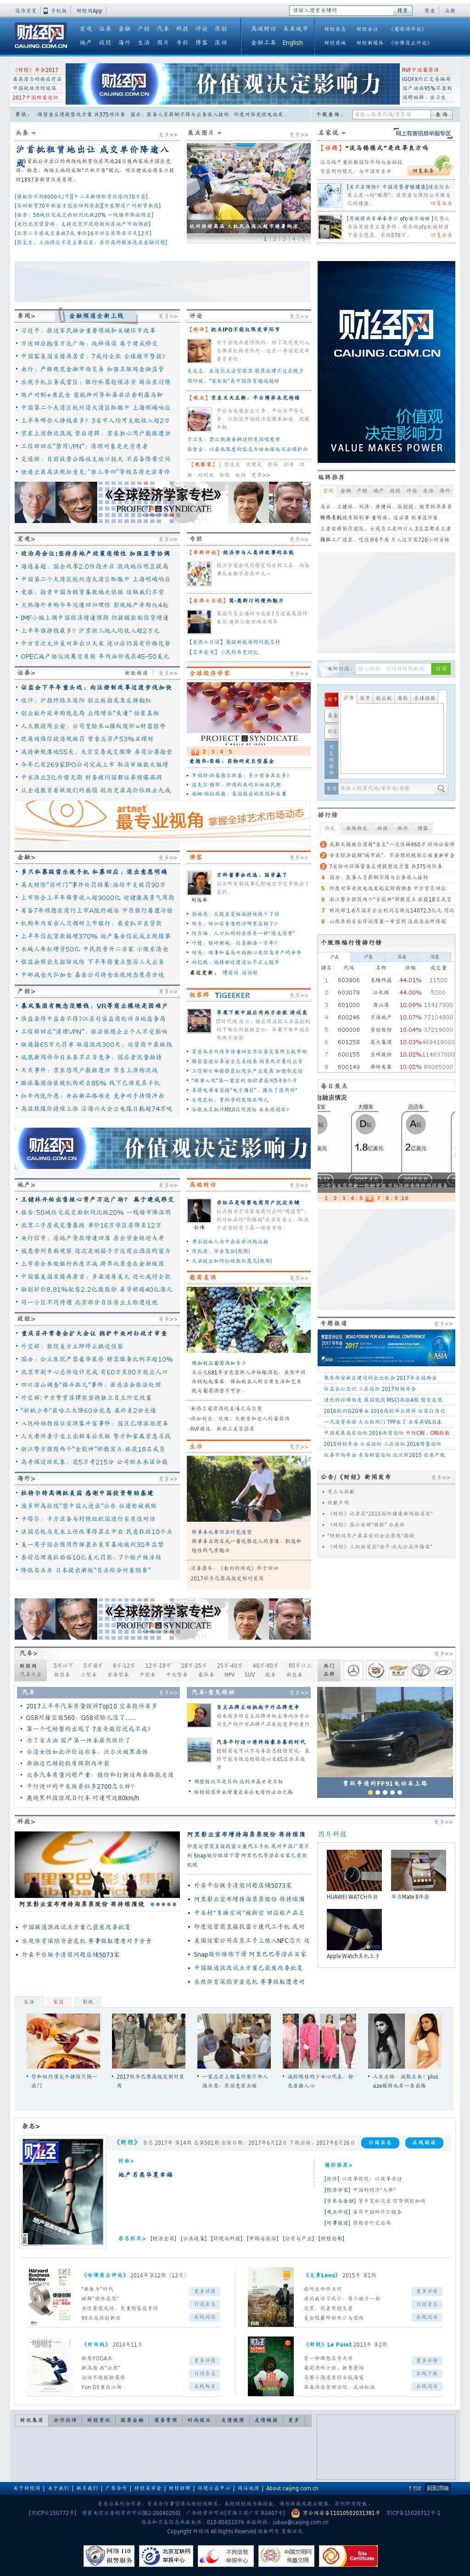 Caijing at Tuesday July 25, 2017, 12:02 p.m. UTC